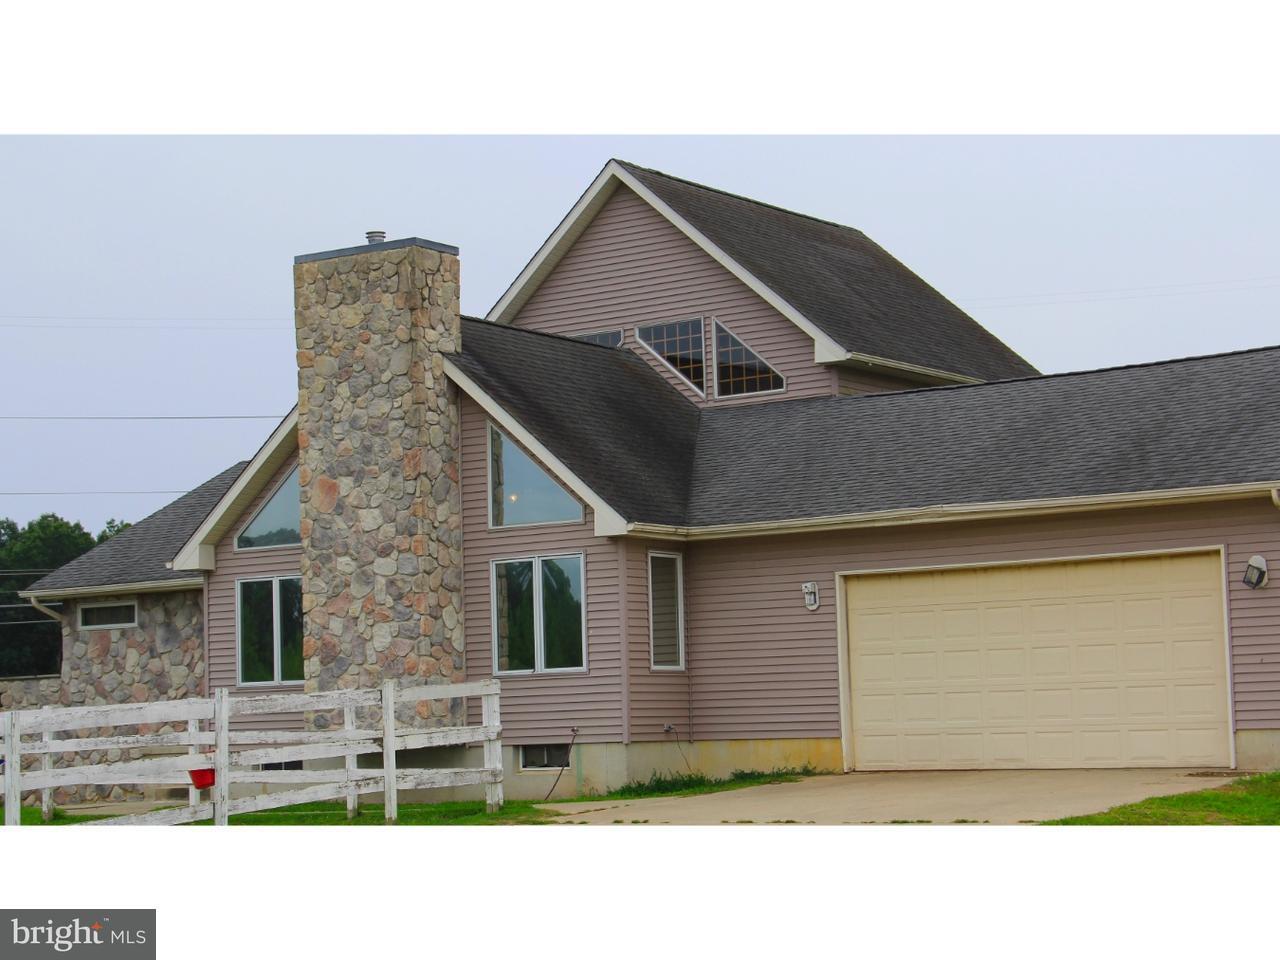 独户住宅 为 销售 在 265 S TUCKAHOE Road Williamstown, 新泽西州 08094 美国在/周边: Monroe Township